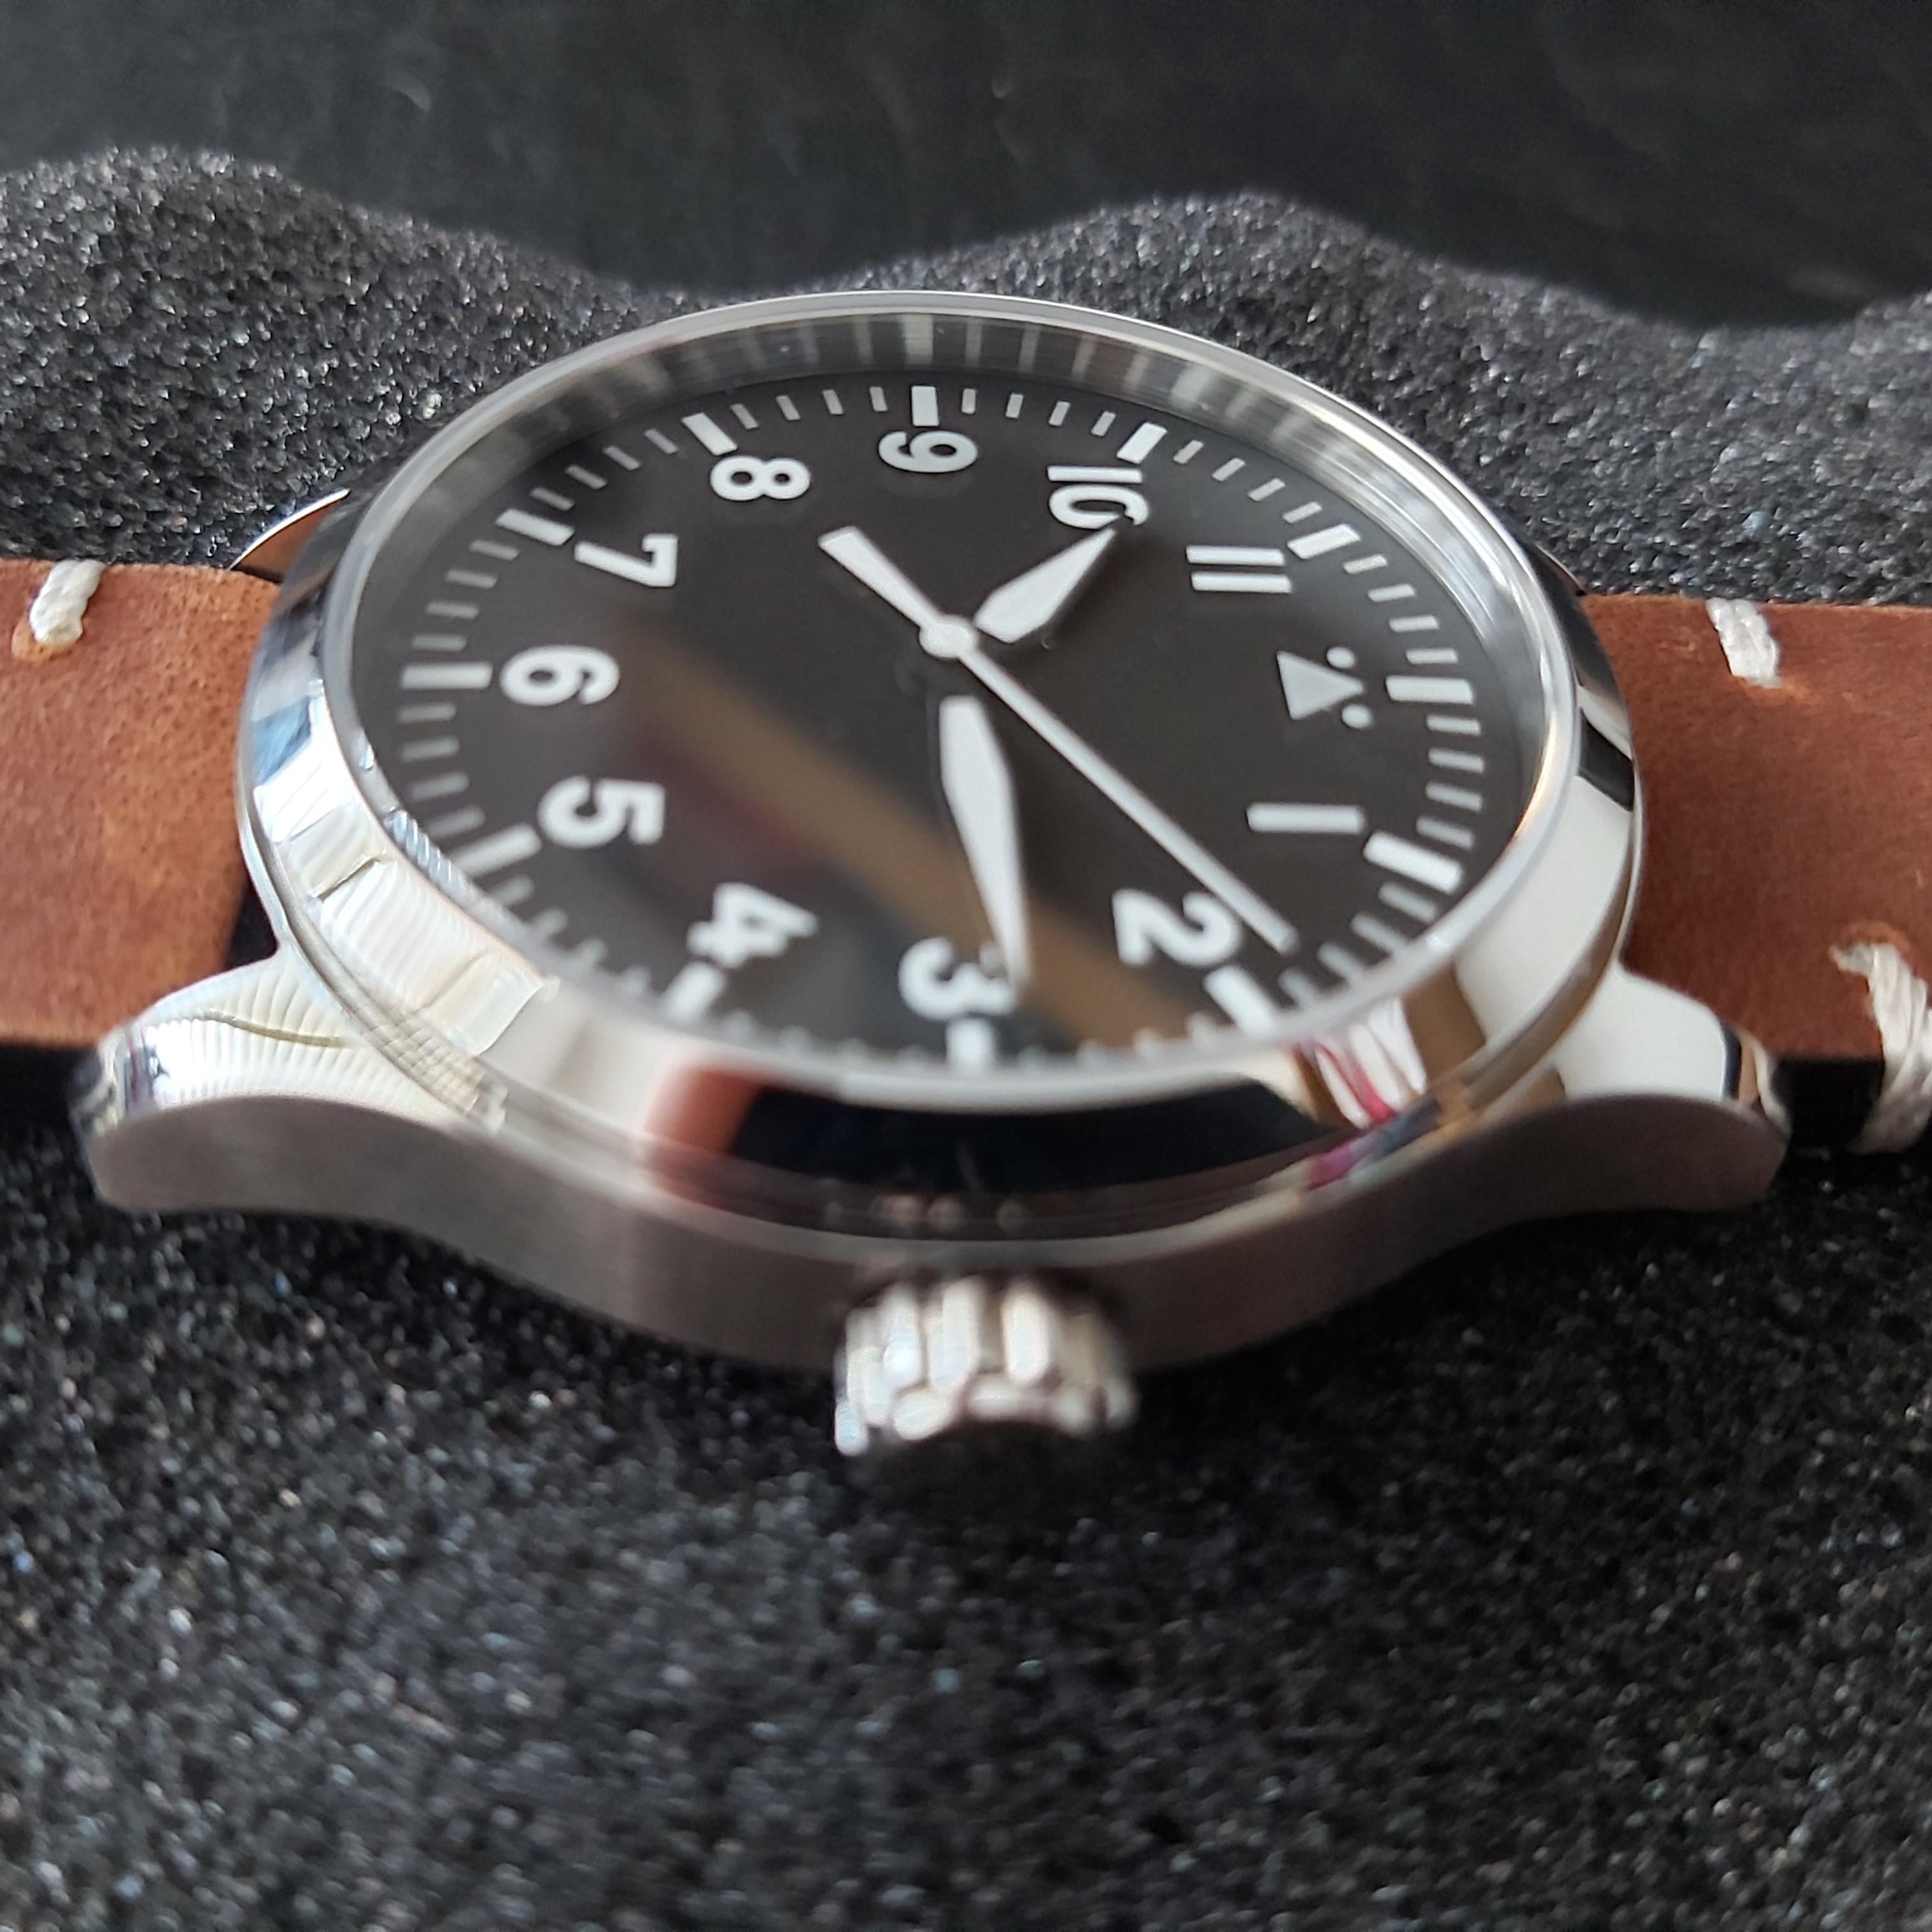 Corgeut Flieger-A 42mm Sapphire Pilot's watch